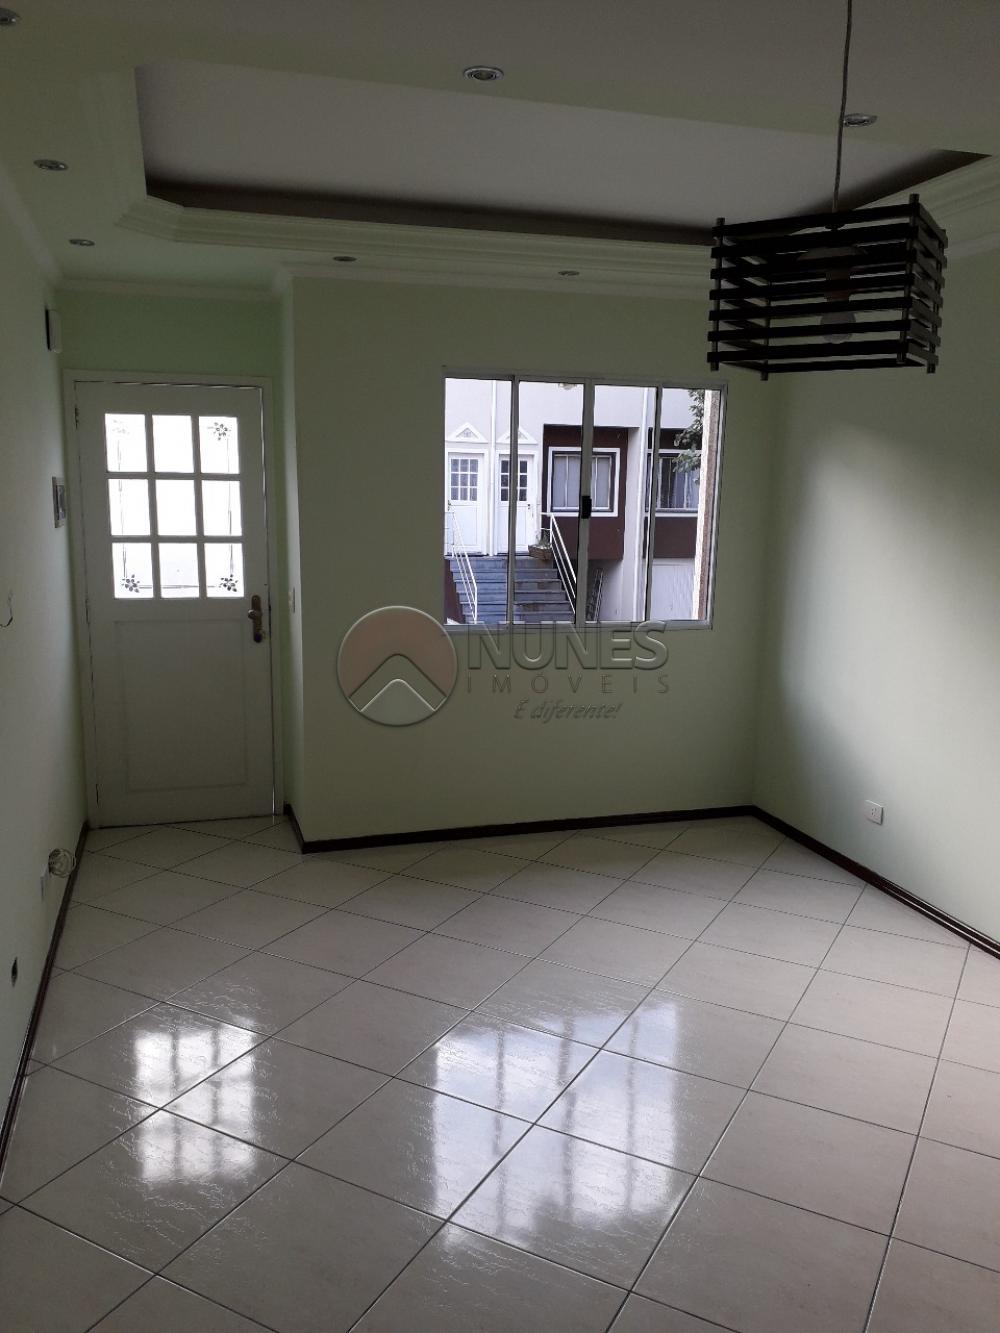 Alugar Casa / Sobrado em Condominio em São Paulo apenas R$ 1.000,00 - Foto 3